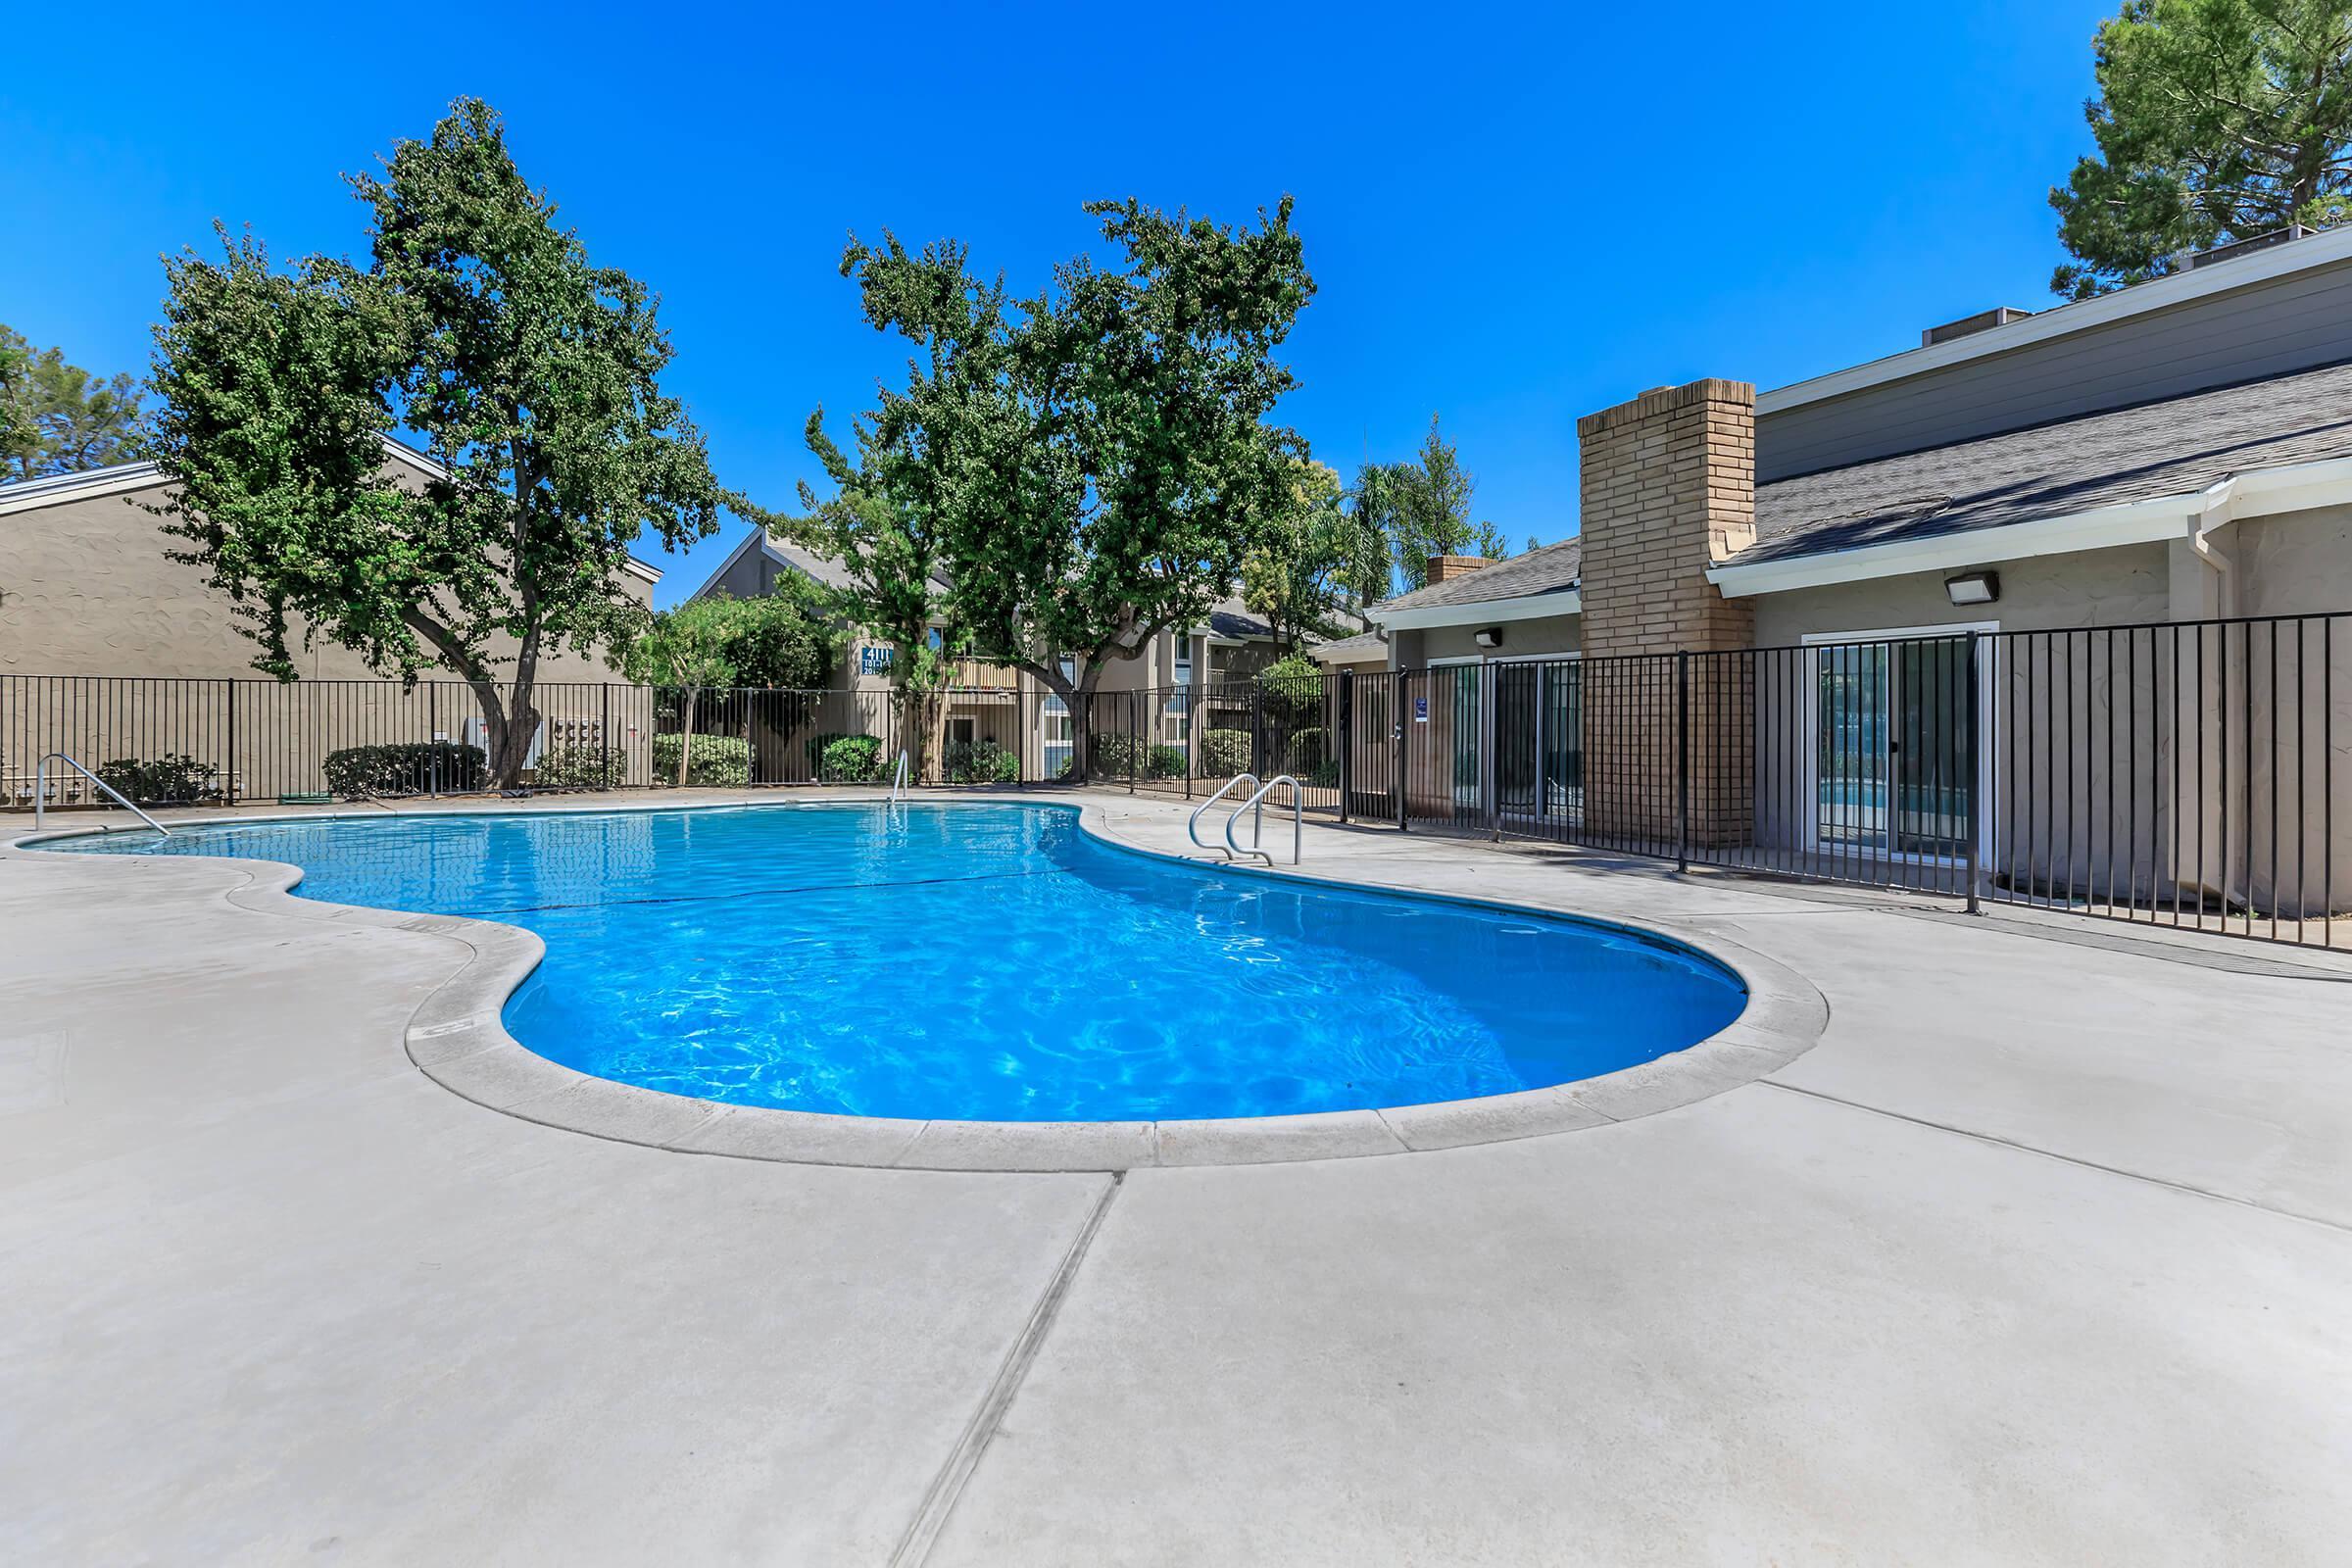 A community pool